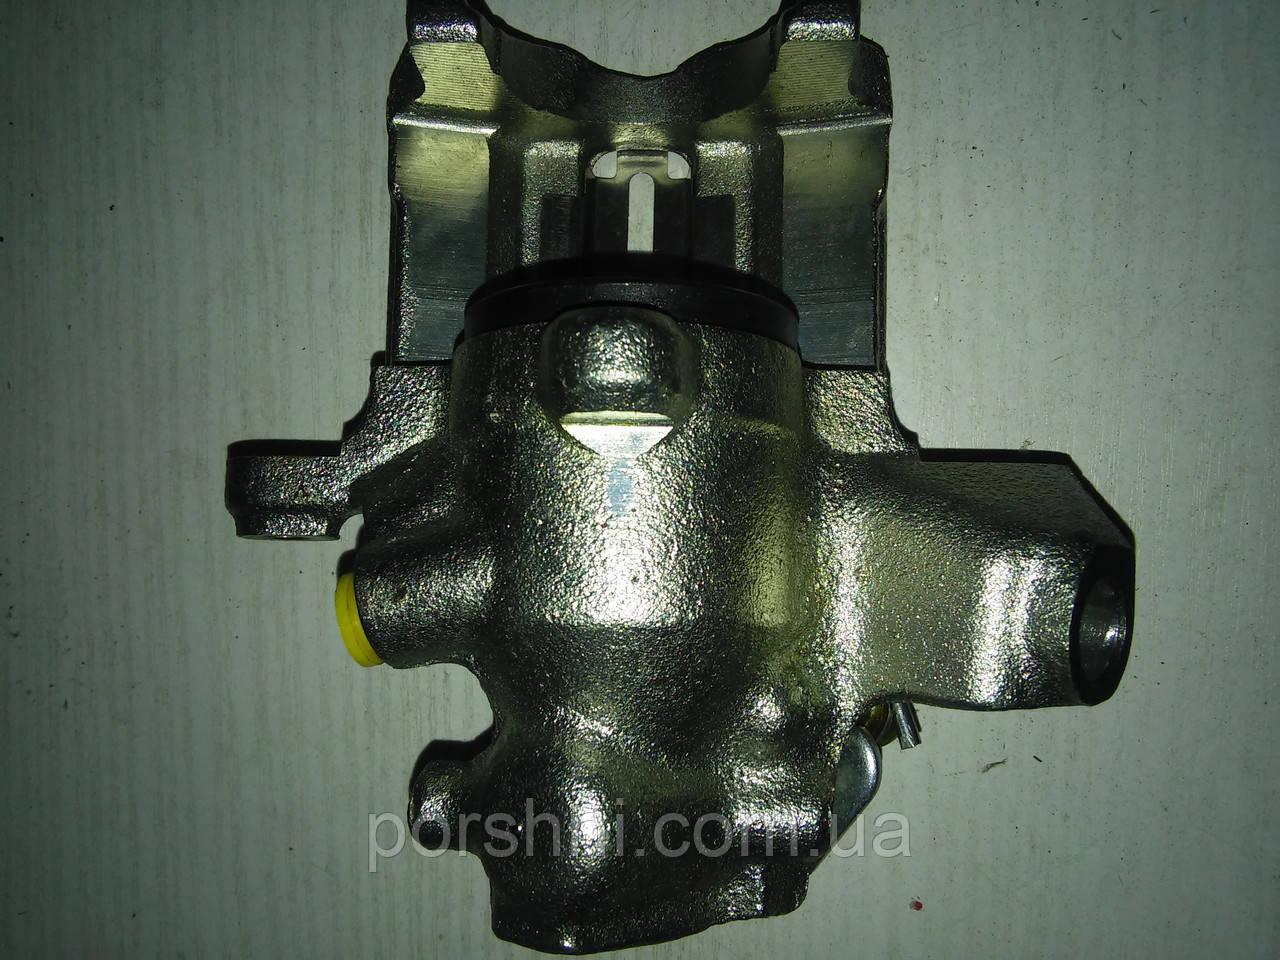 Супорт гальмівний задній Ford Scorpio 86 > RH без скоби N: 5023225